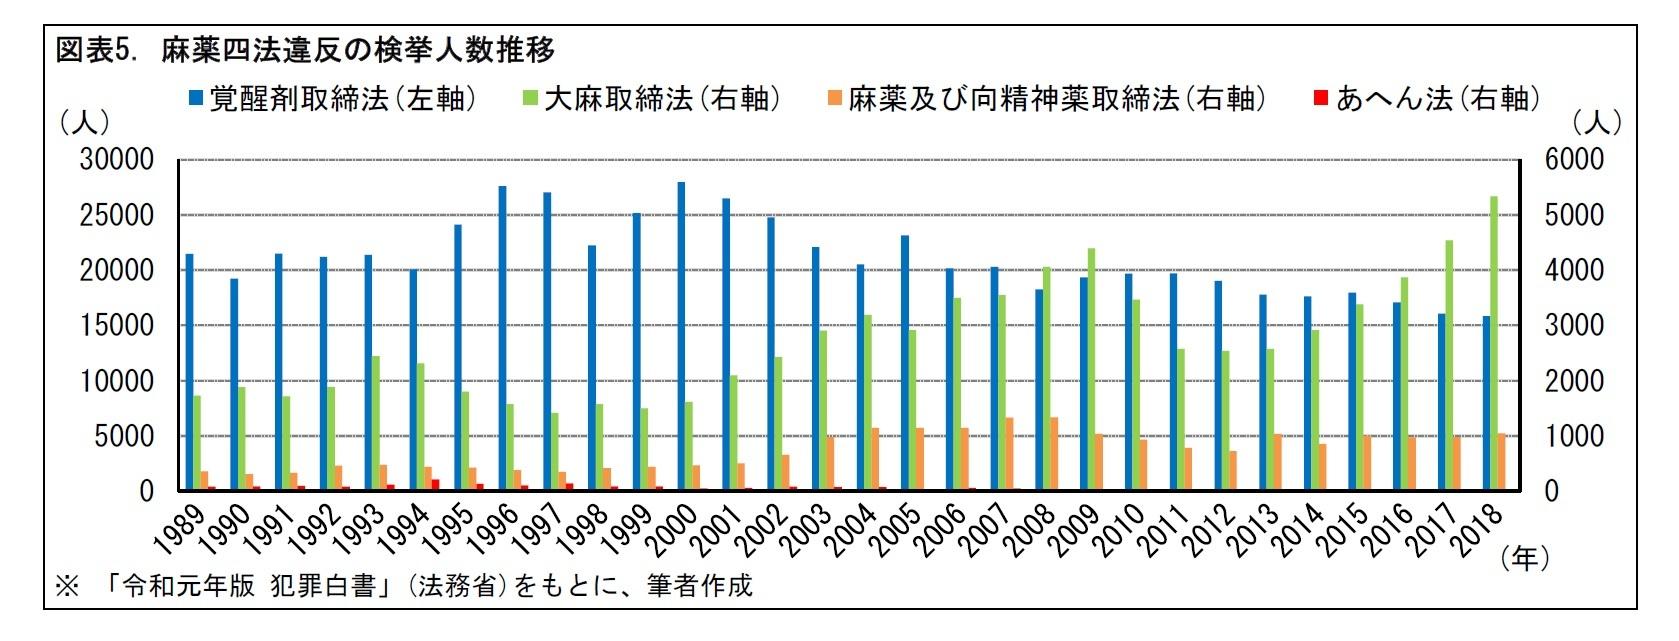 図表5. 麻薬四法違反の検挙人数推移